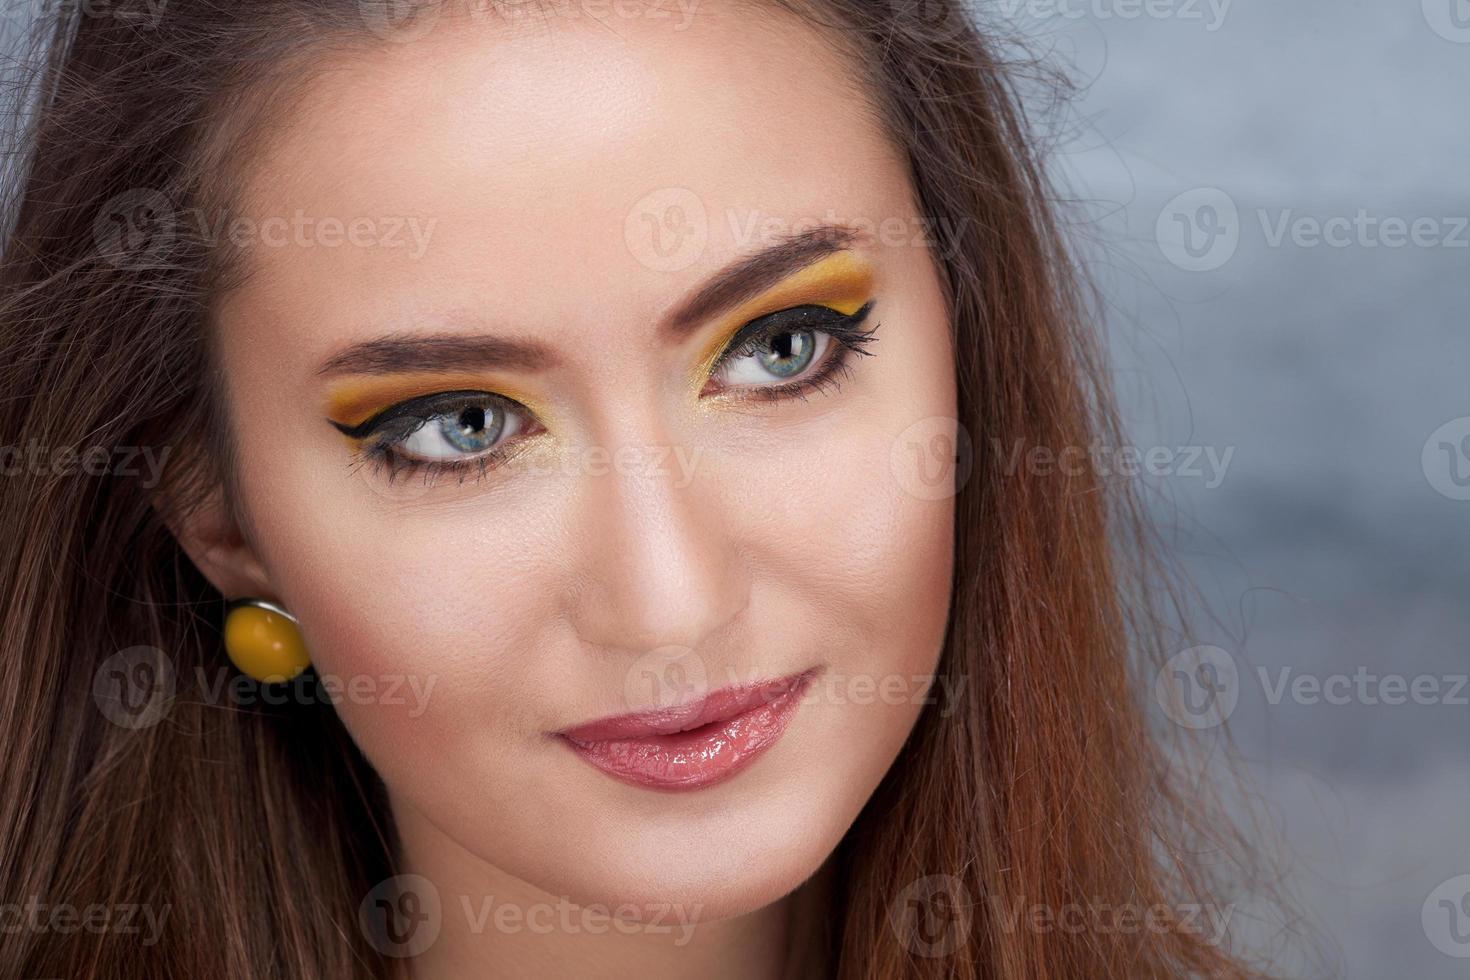 mode portrait de la belle jeune femme photo